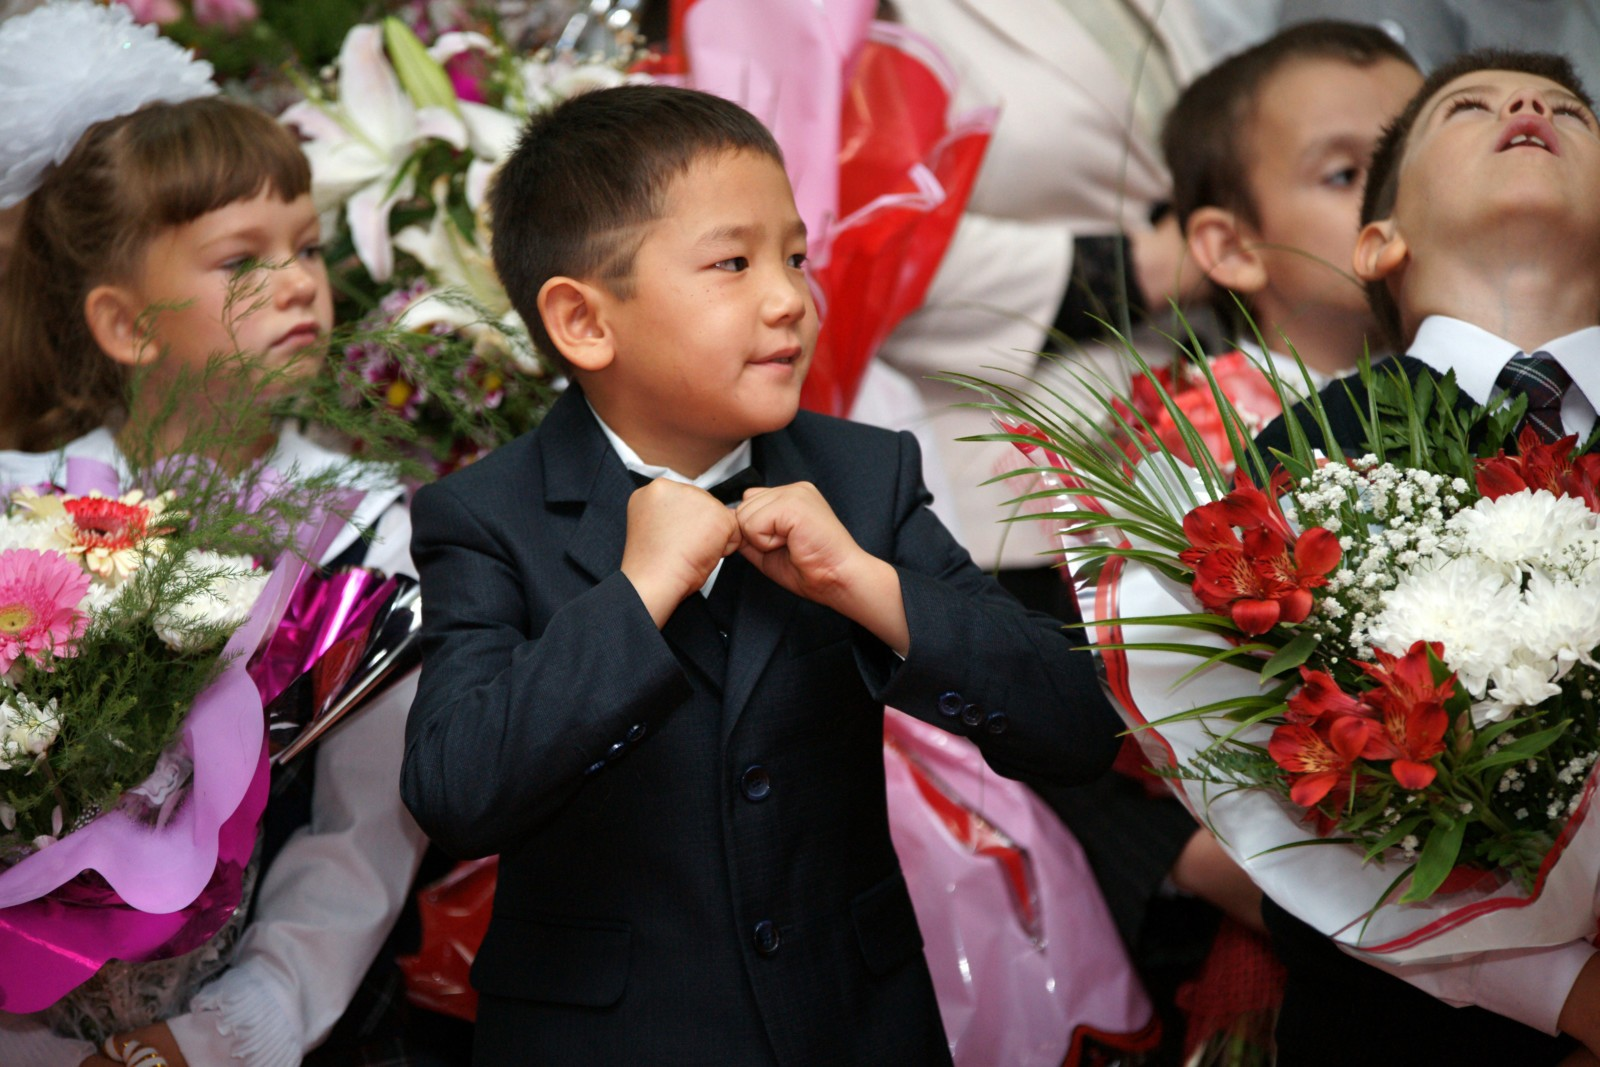 Первоклассники на линейке, посвященной началу нового учебного года, в одной из школ города Самара. Юрий Стрелец / РИА Новости